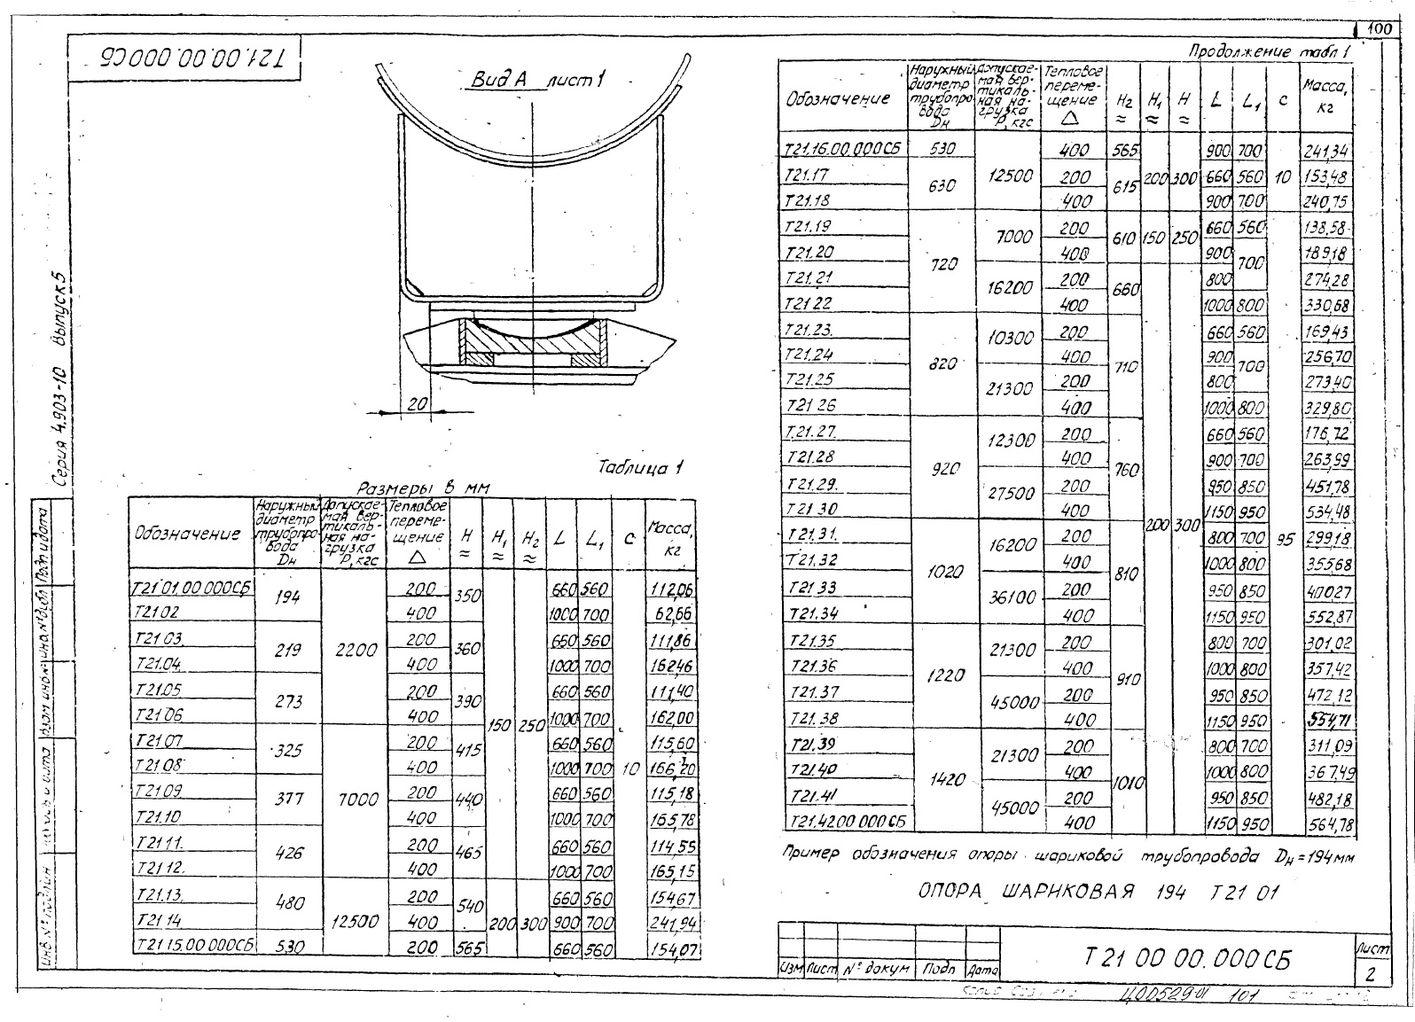 Опоры шариковые Т21 серия 4.903-10 выпуск 5 стр.2